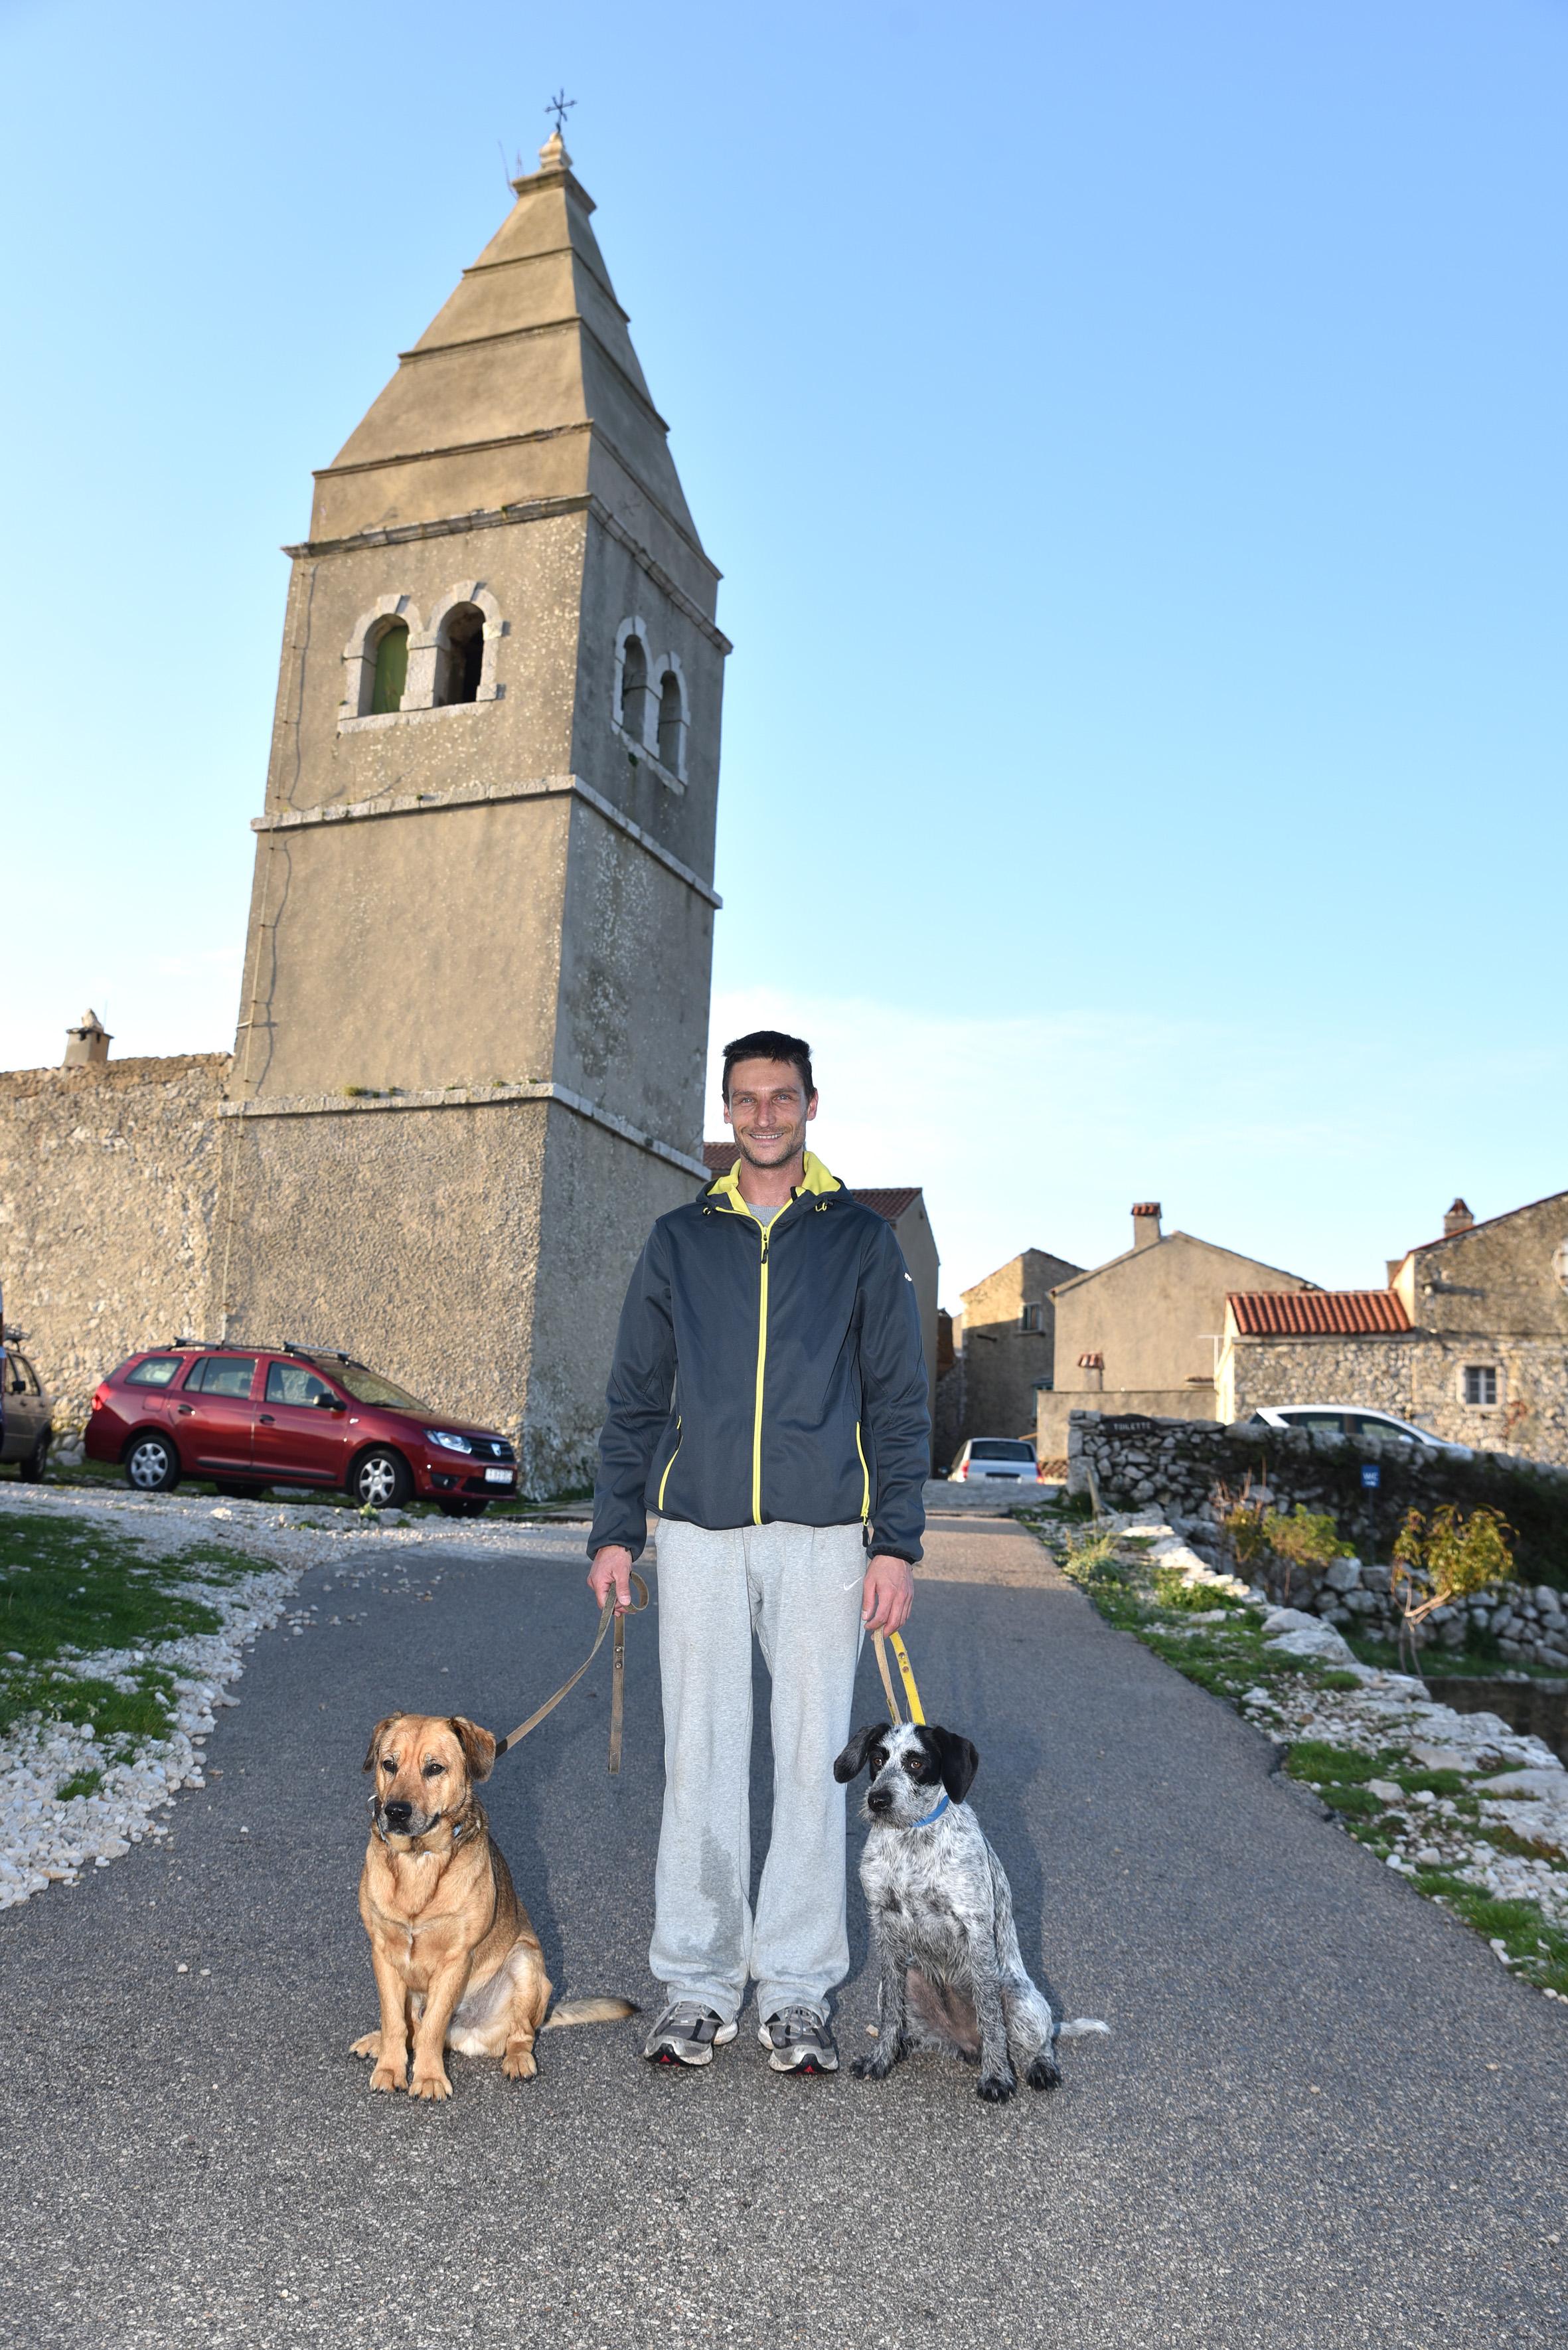 Romano i njegovi psi uživali su u Lubenicima, a od danas počinju istraživati Tramuntanu / Snimio Walter SALKOVIĆ